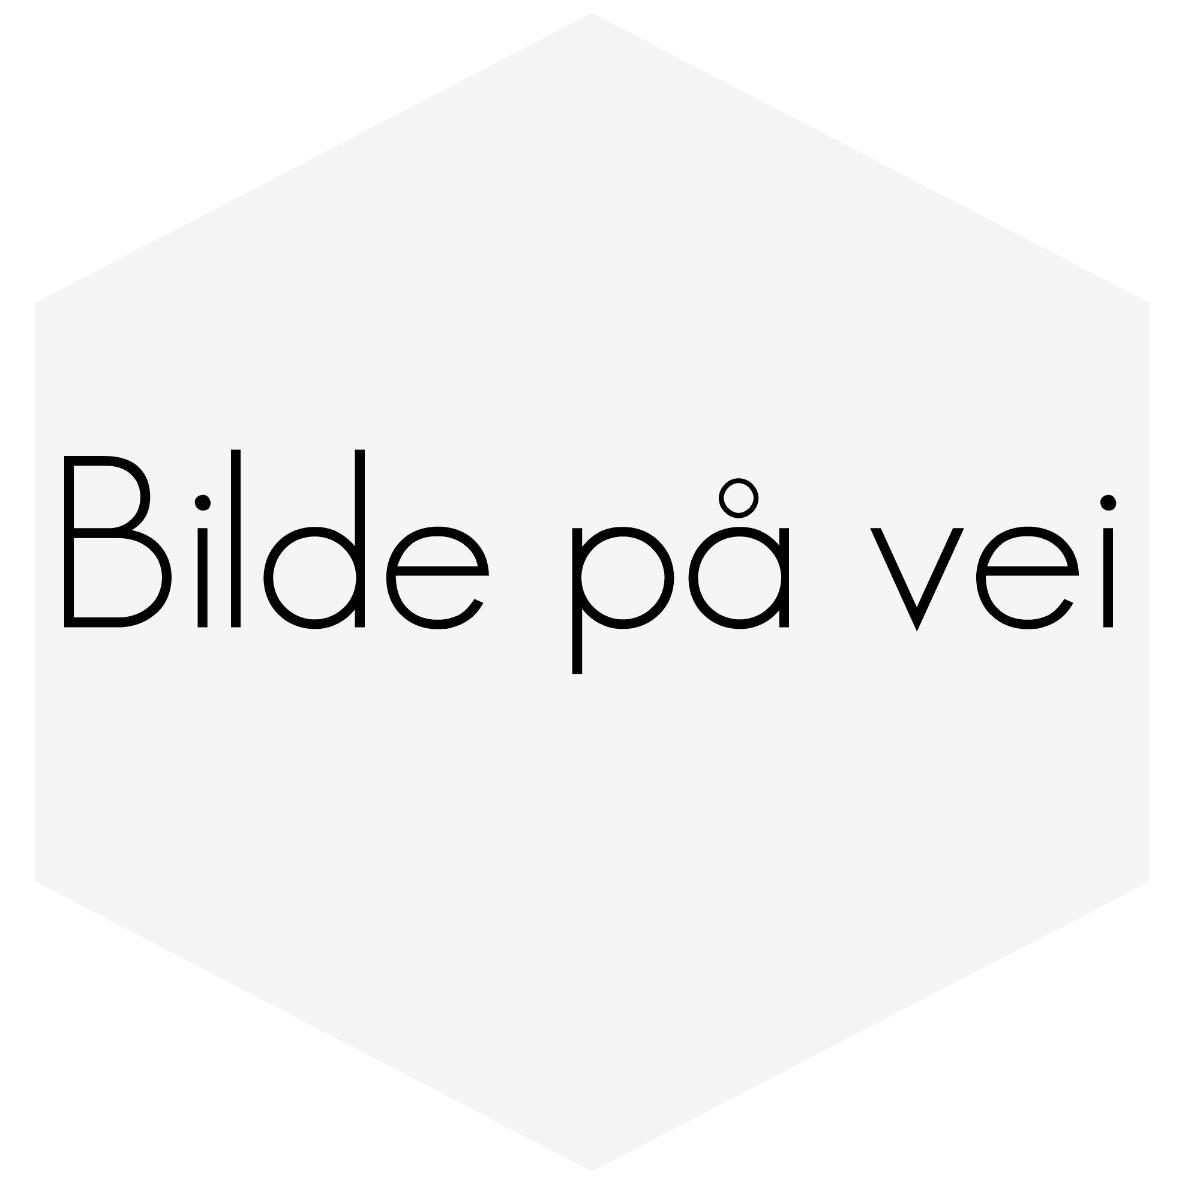 VINDUSPUSSER BLAD VOLVO 700-82-88,300 82> pris stk se info: